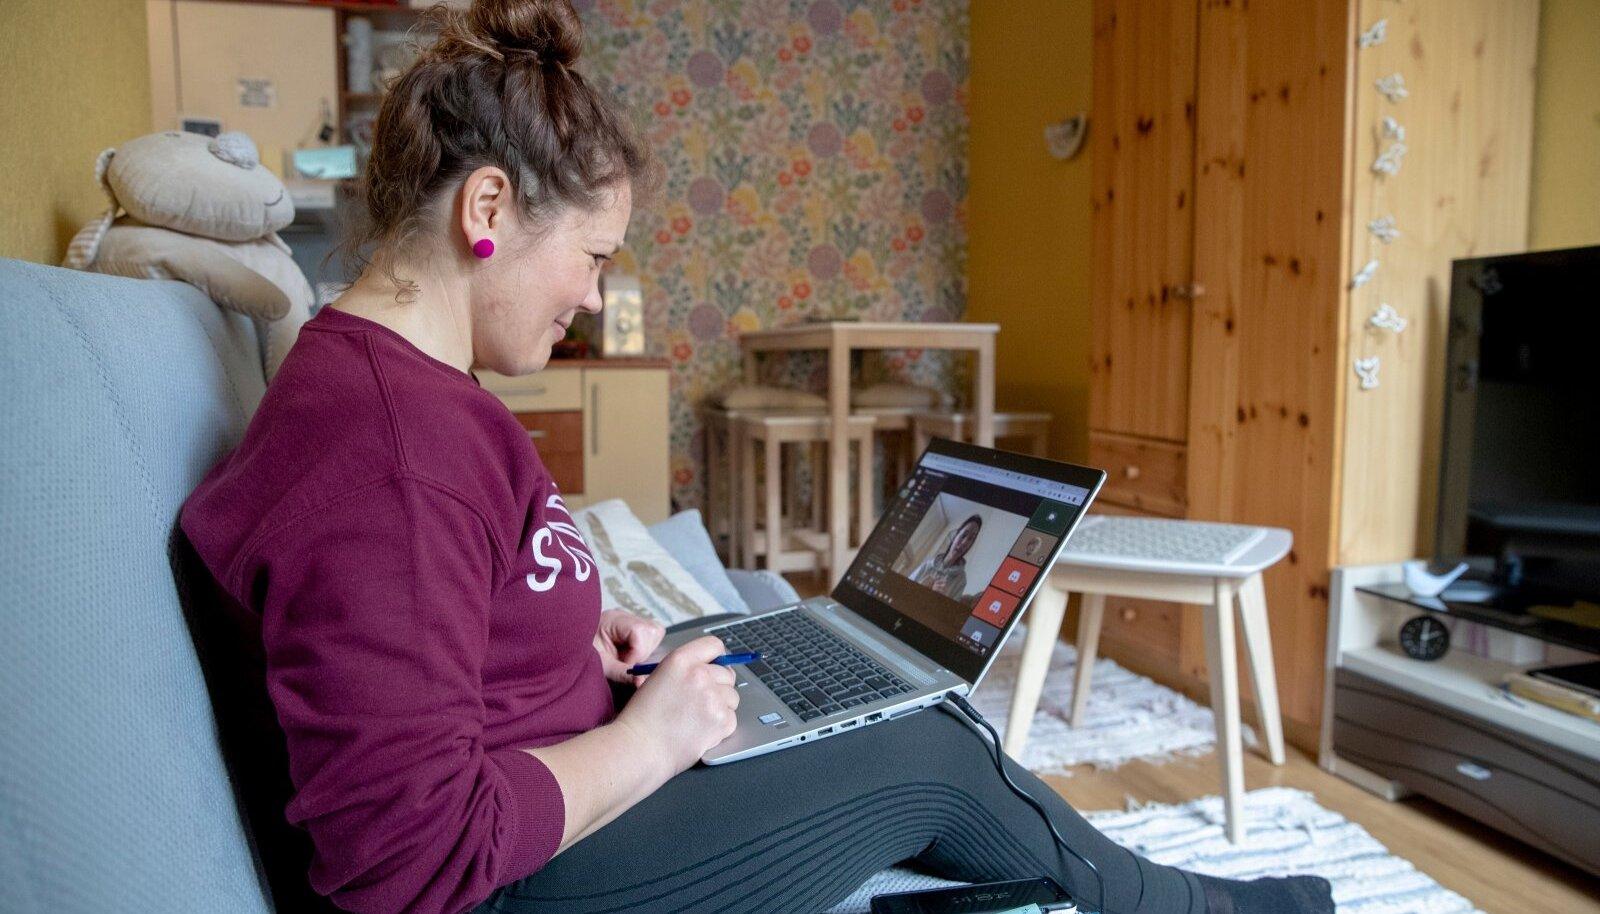 Siiri on neljandat aastat ajakirjandusõpetaja. Viimasel aastal on tema tunnid toimunud kodus diivanil arvutiekraaniga tõtt vaadates.